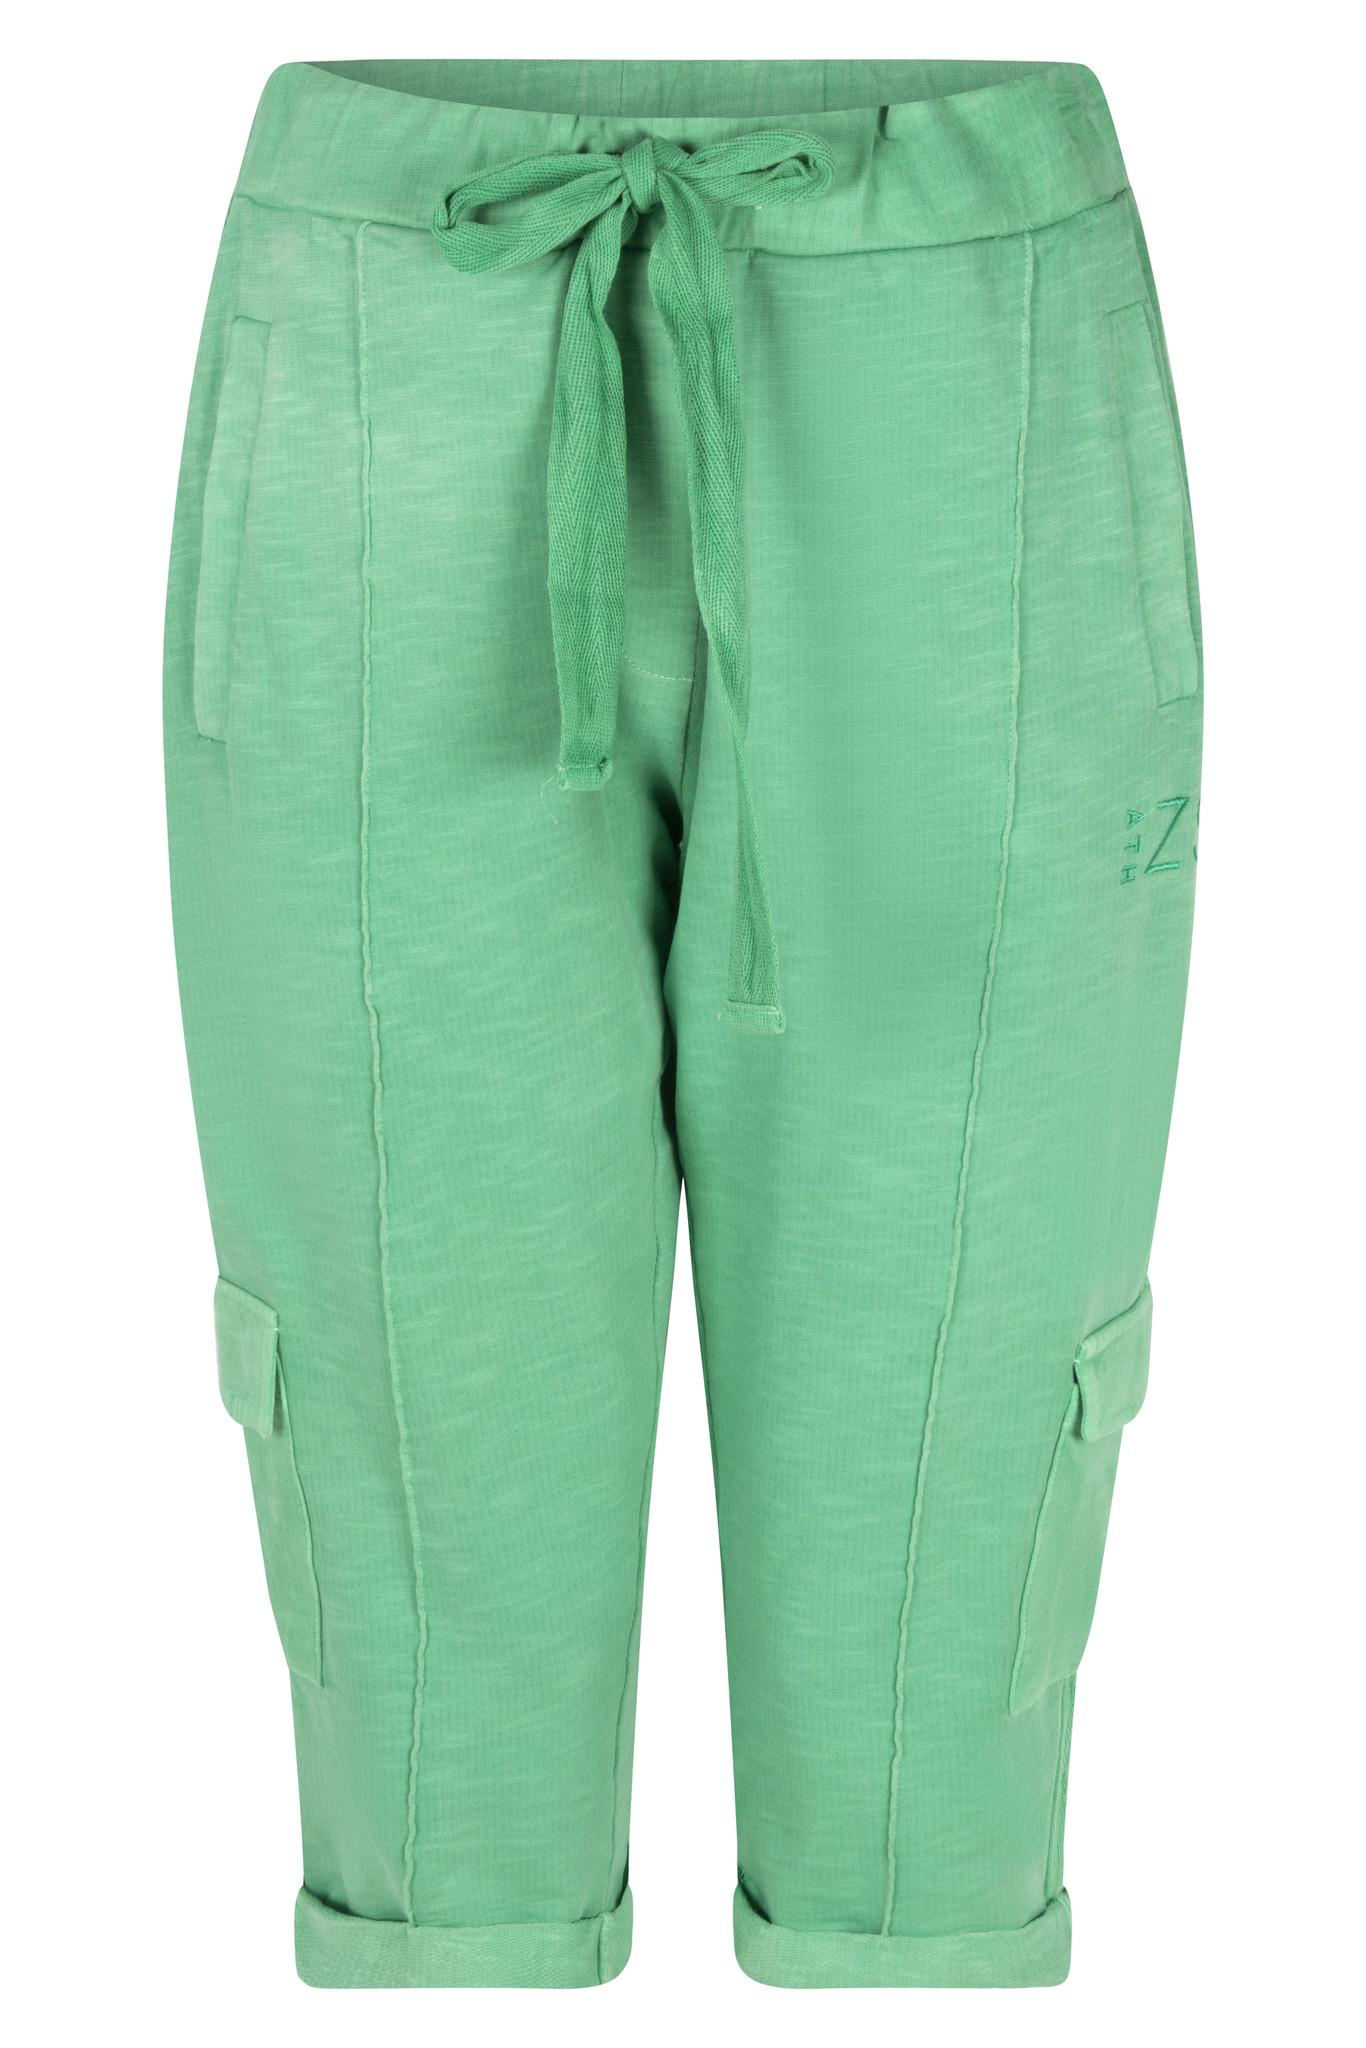 Zoso Zoso Havana broek capri dye garment green